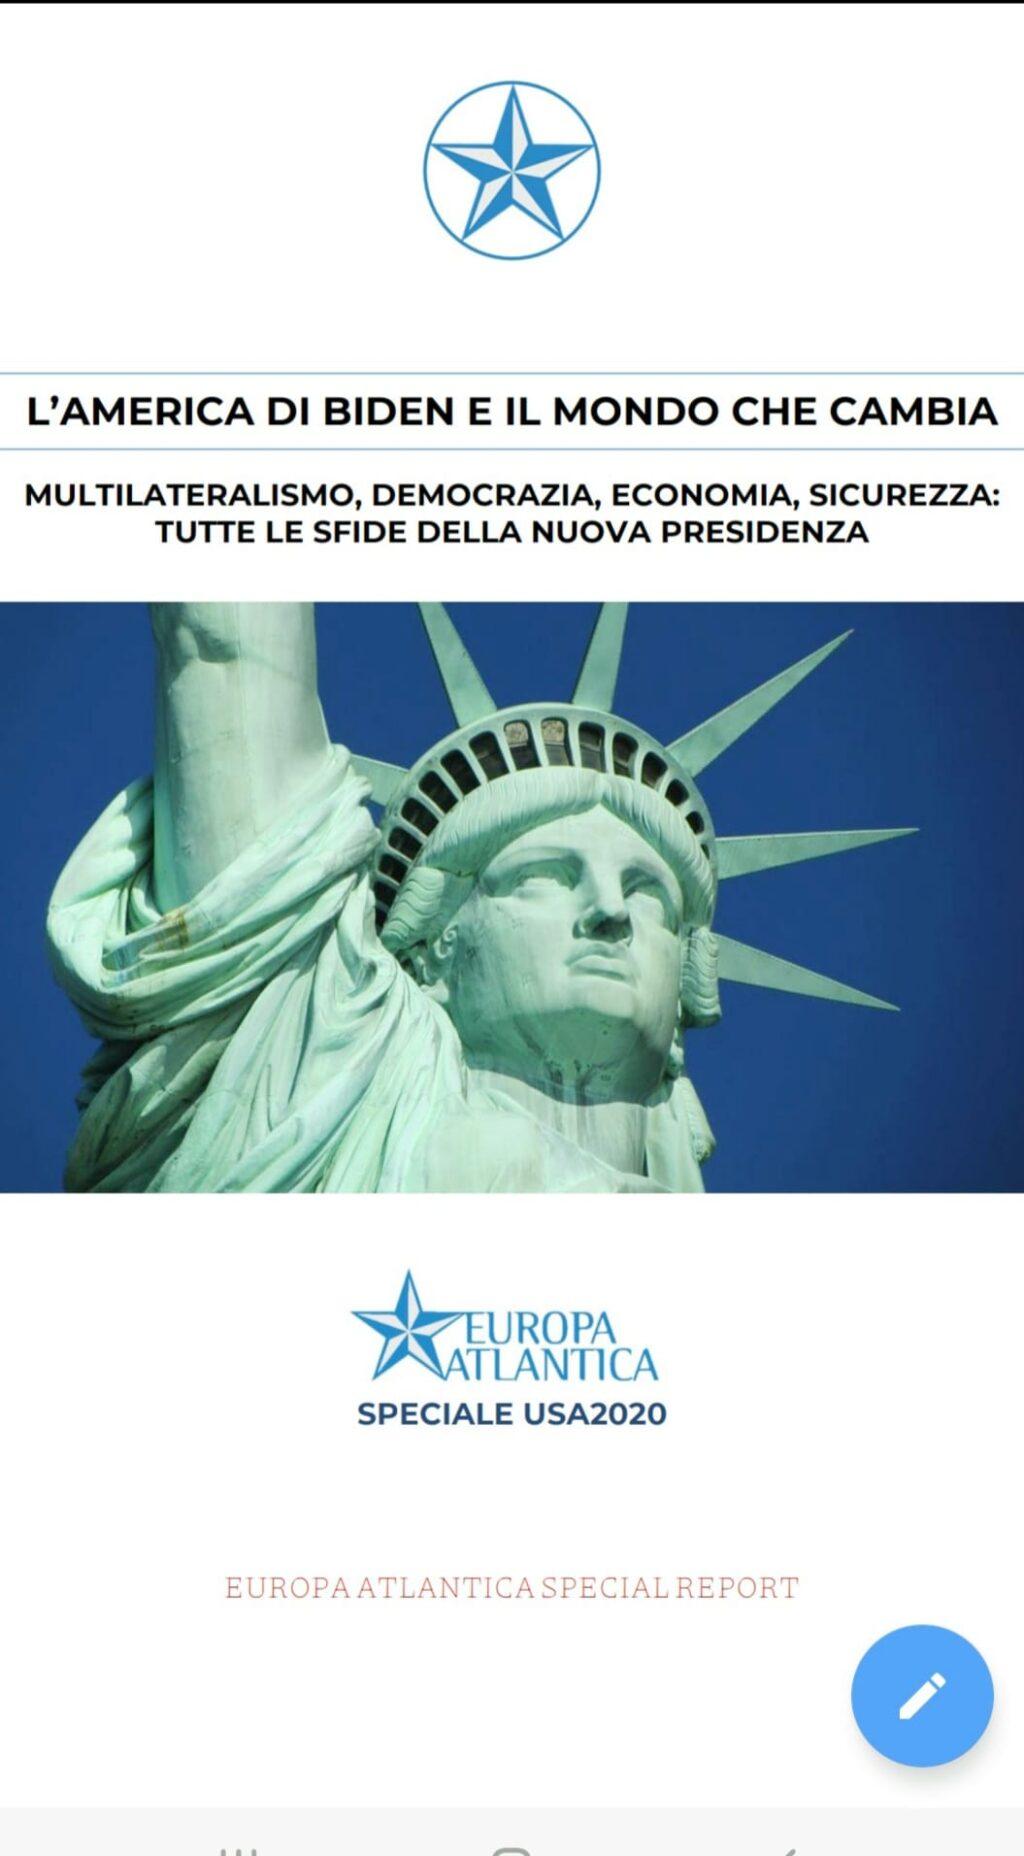 Europa Atlantica Speciale USA2020: analisi di un risultato storico